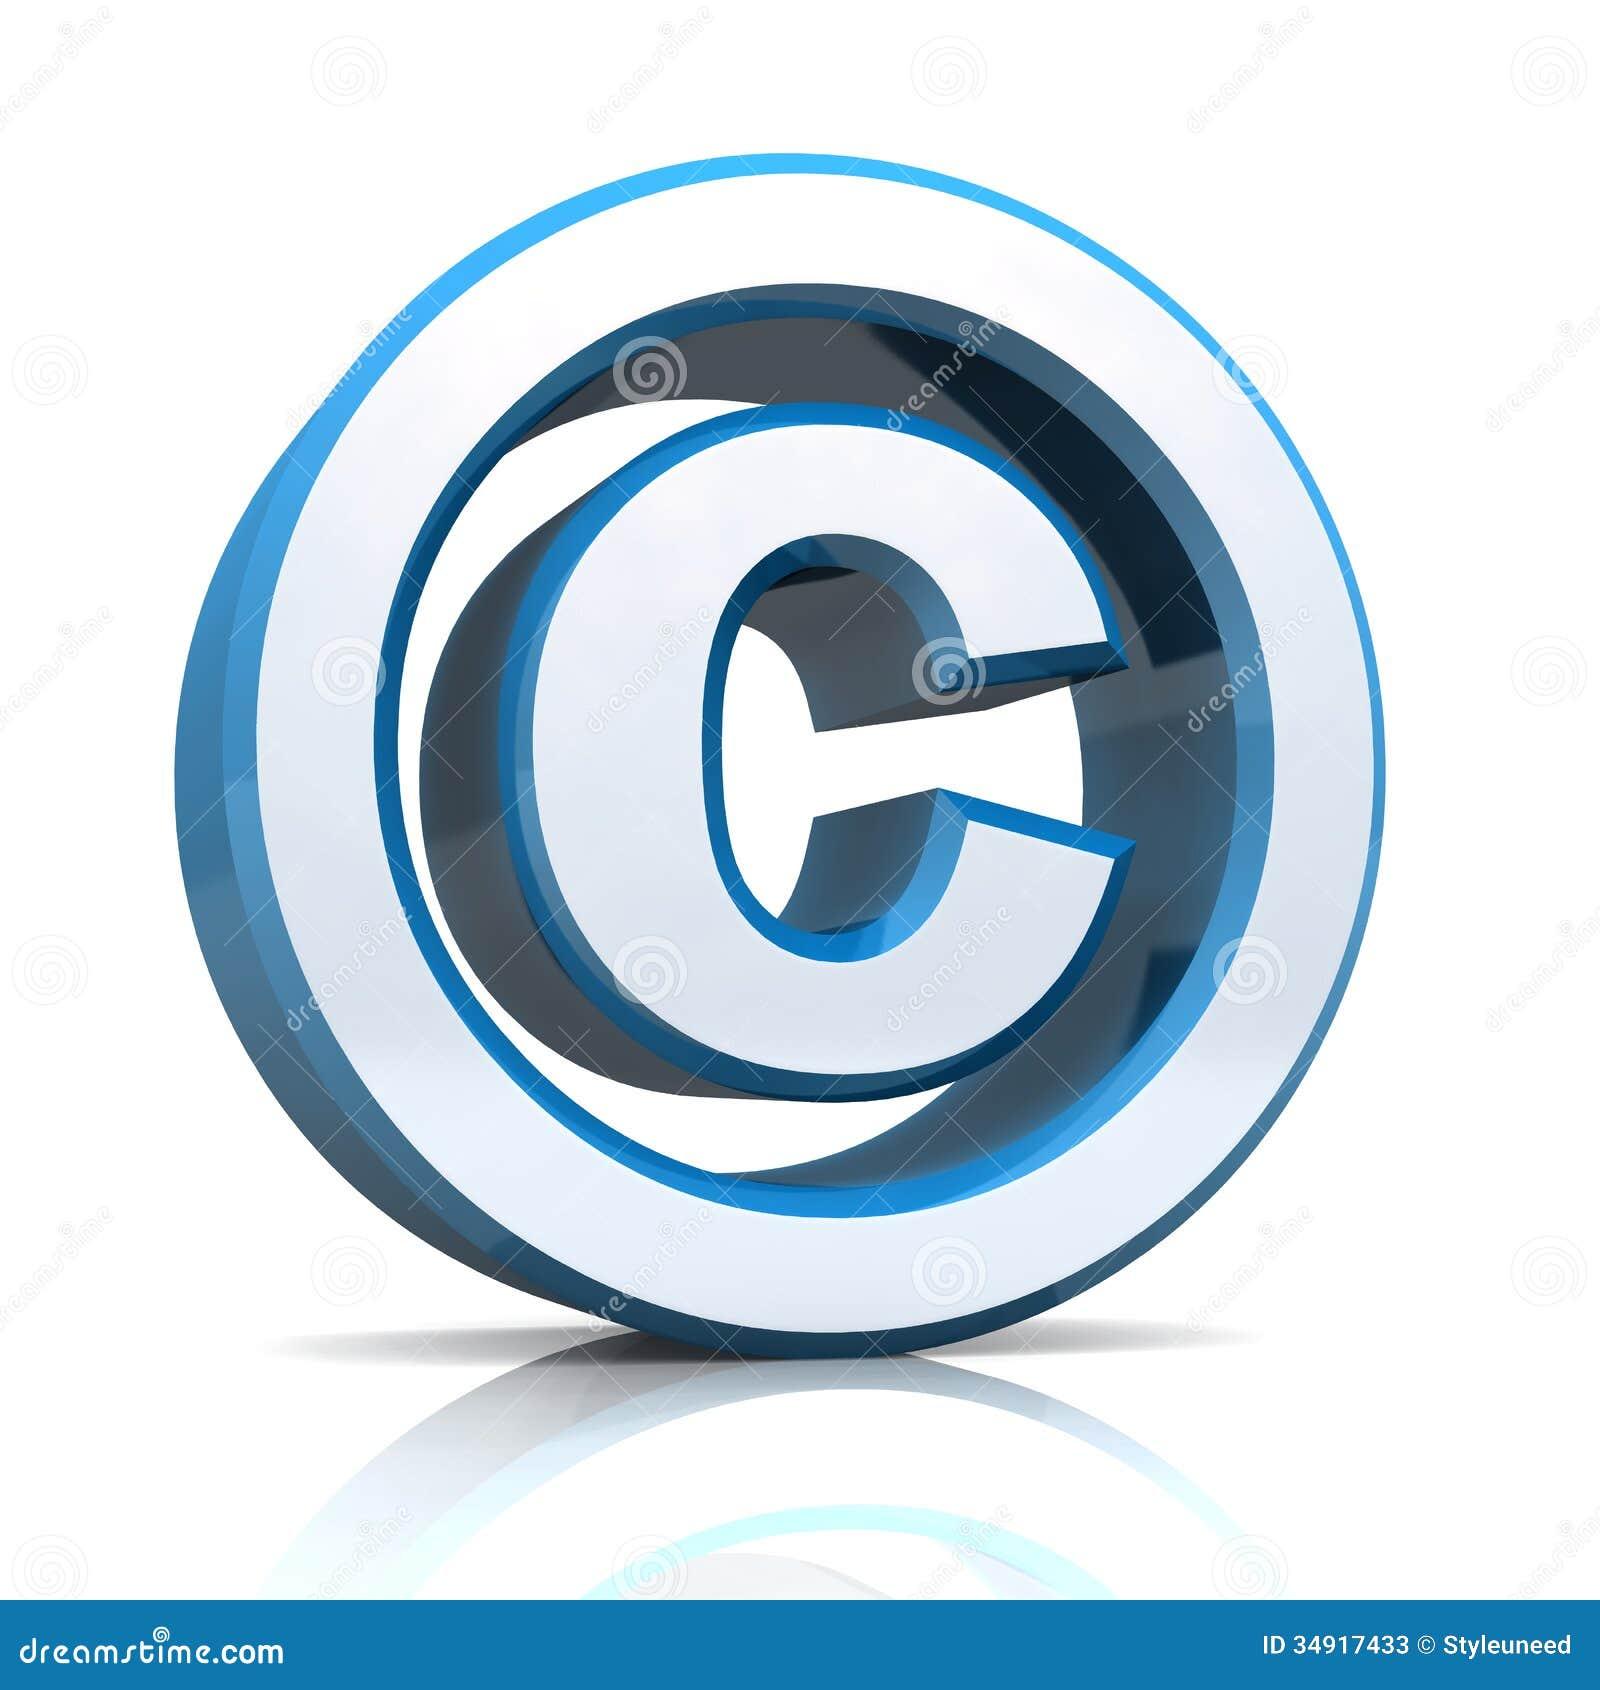 3d Copyright Symbol Stock Illustration Illustration Of Mark 34917433